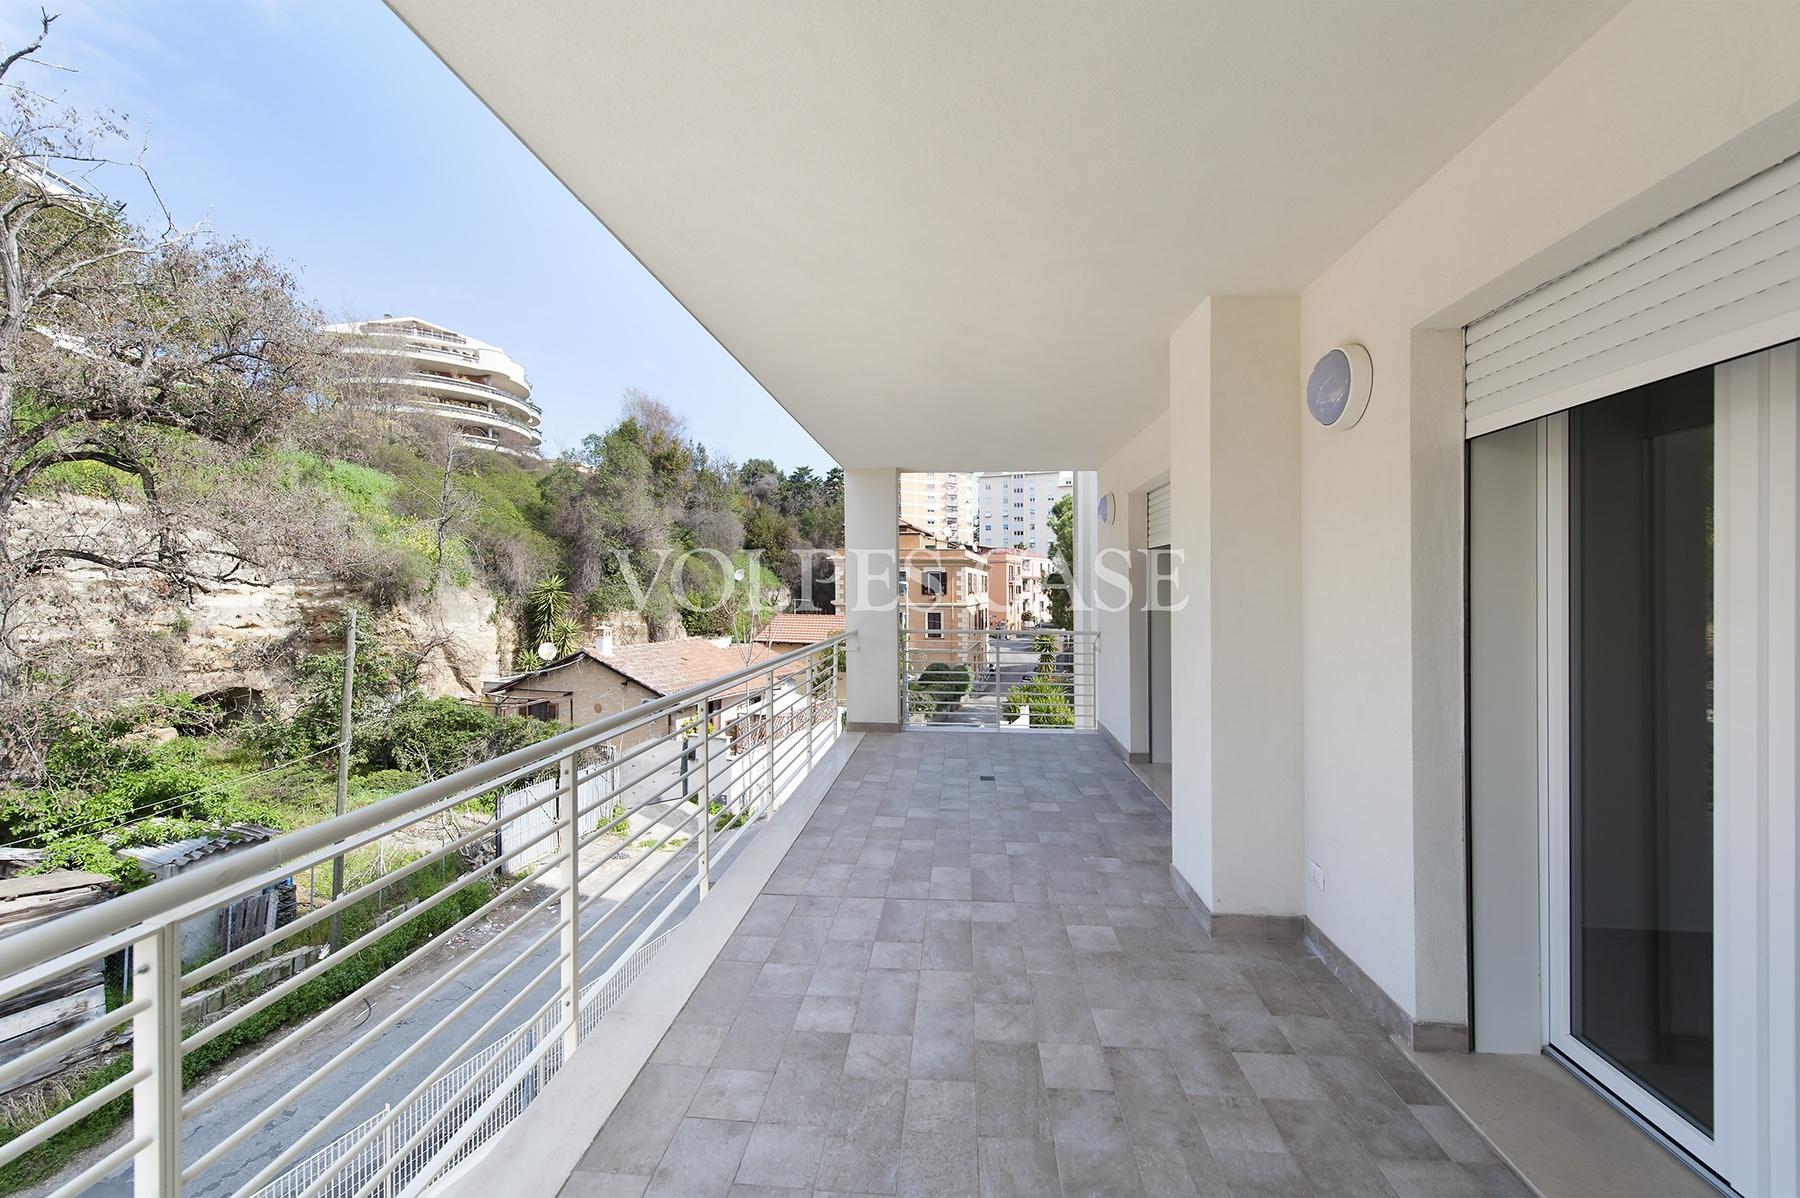 Appartamento in affitto a roma cod v45 3473 for Affitto appartamento roma privati